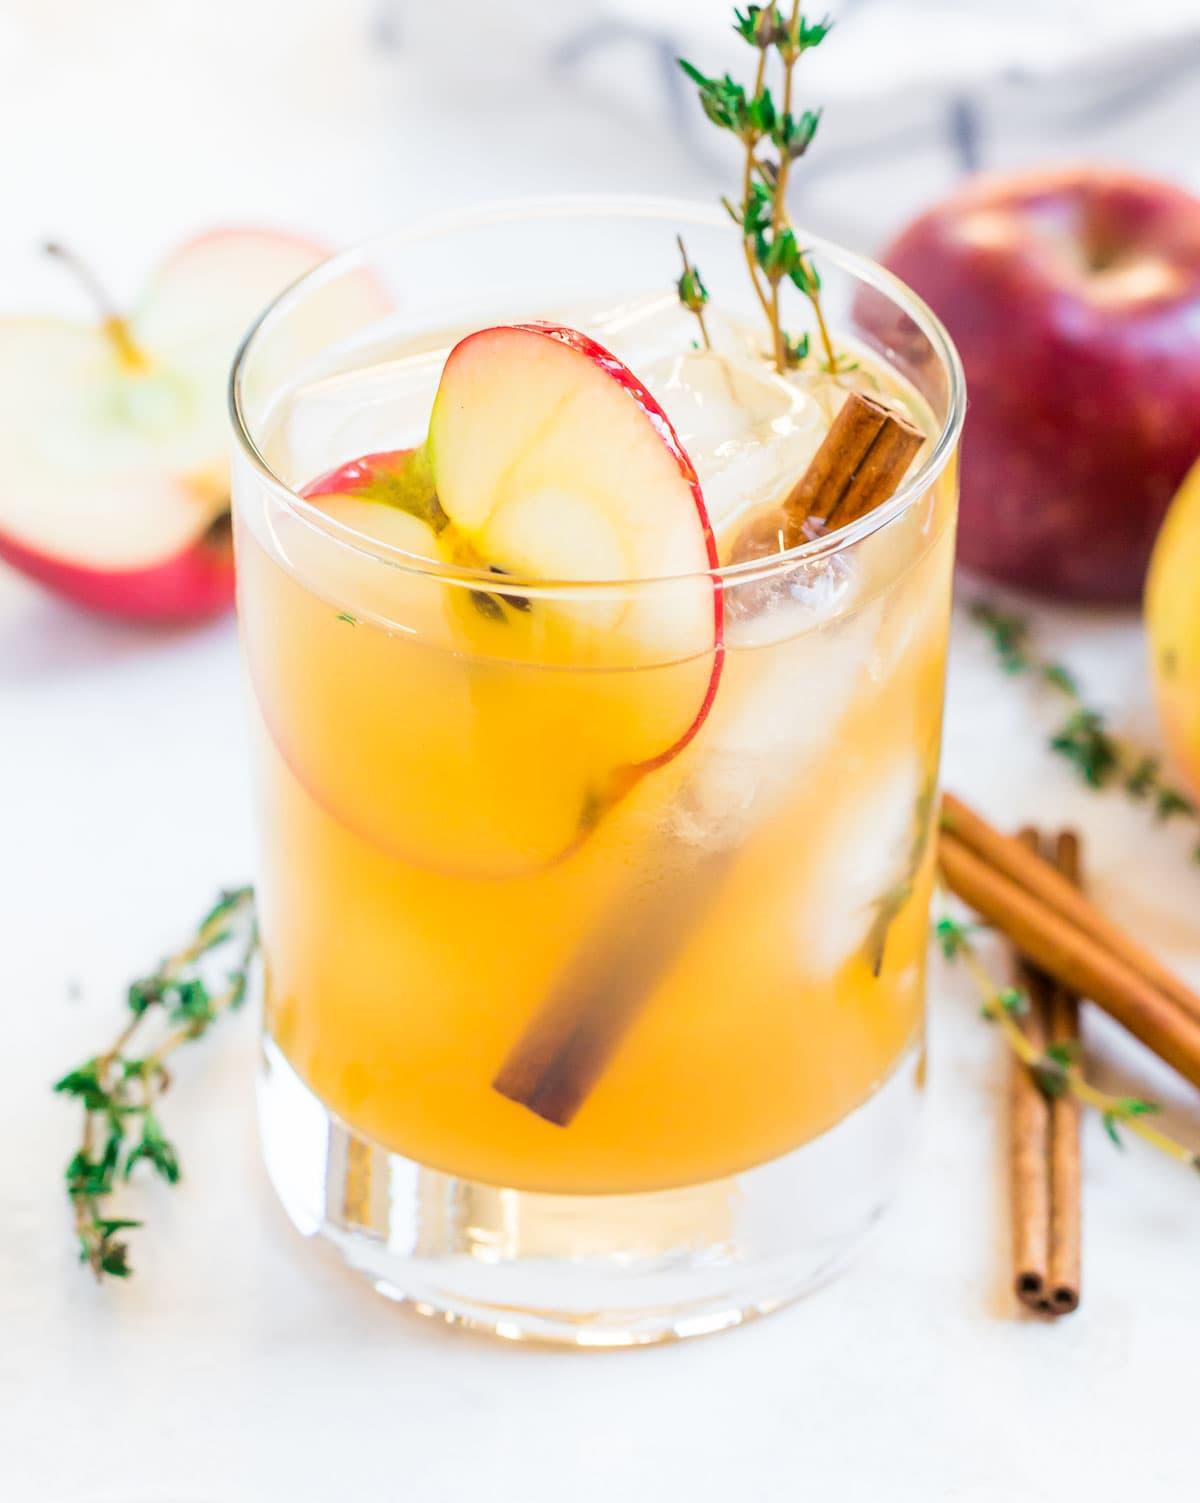 Un vaso de cóctel de sidra de manzana con una rodaja de manzana